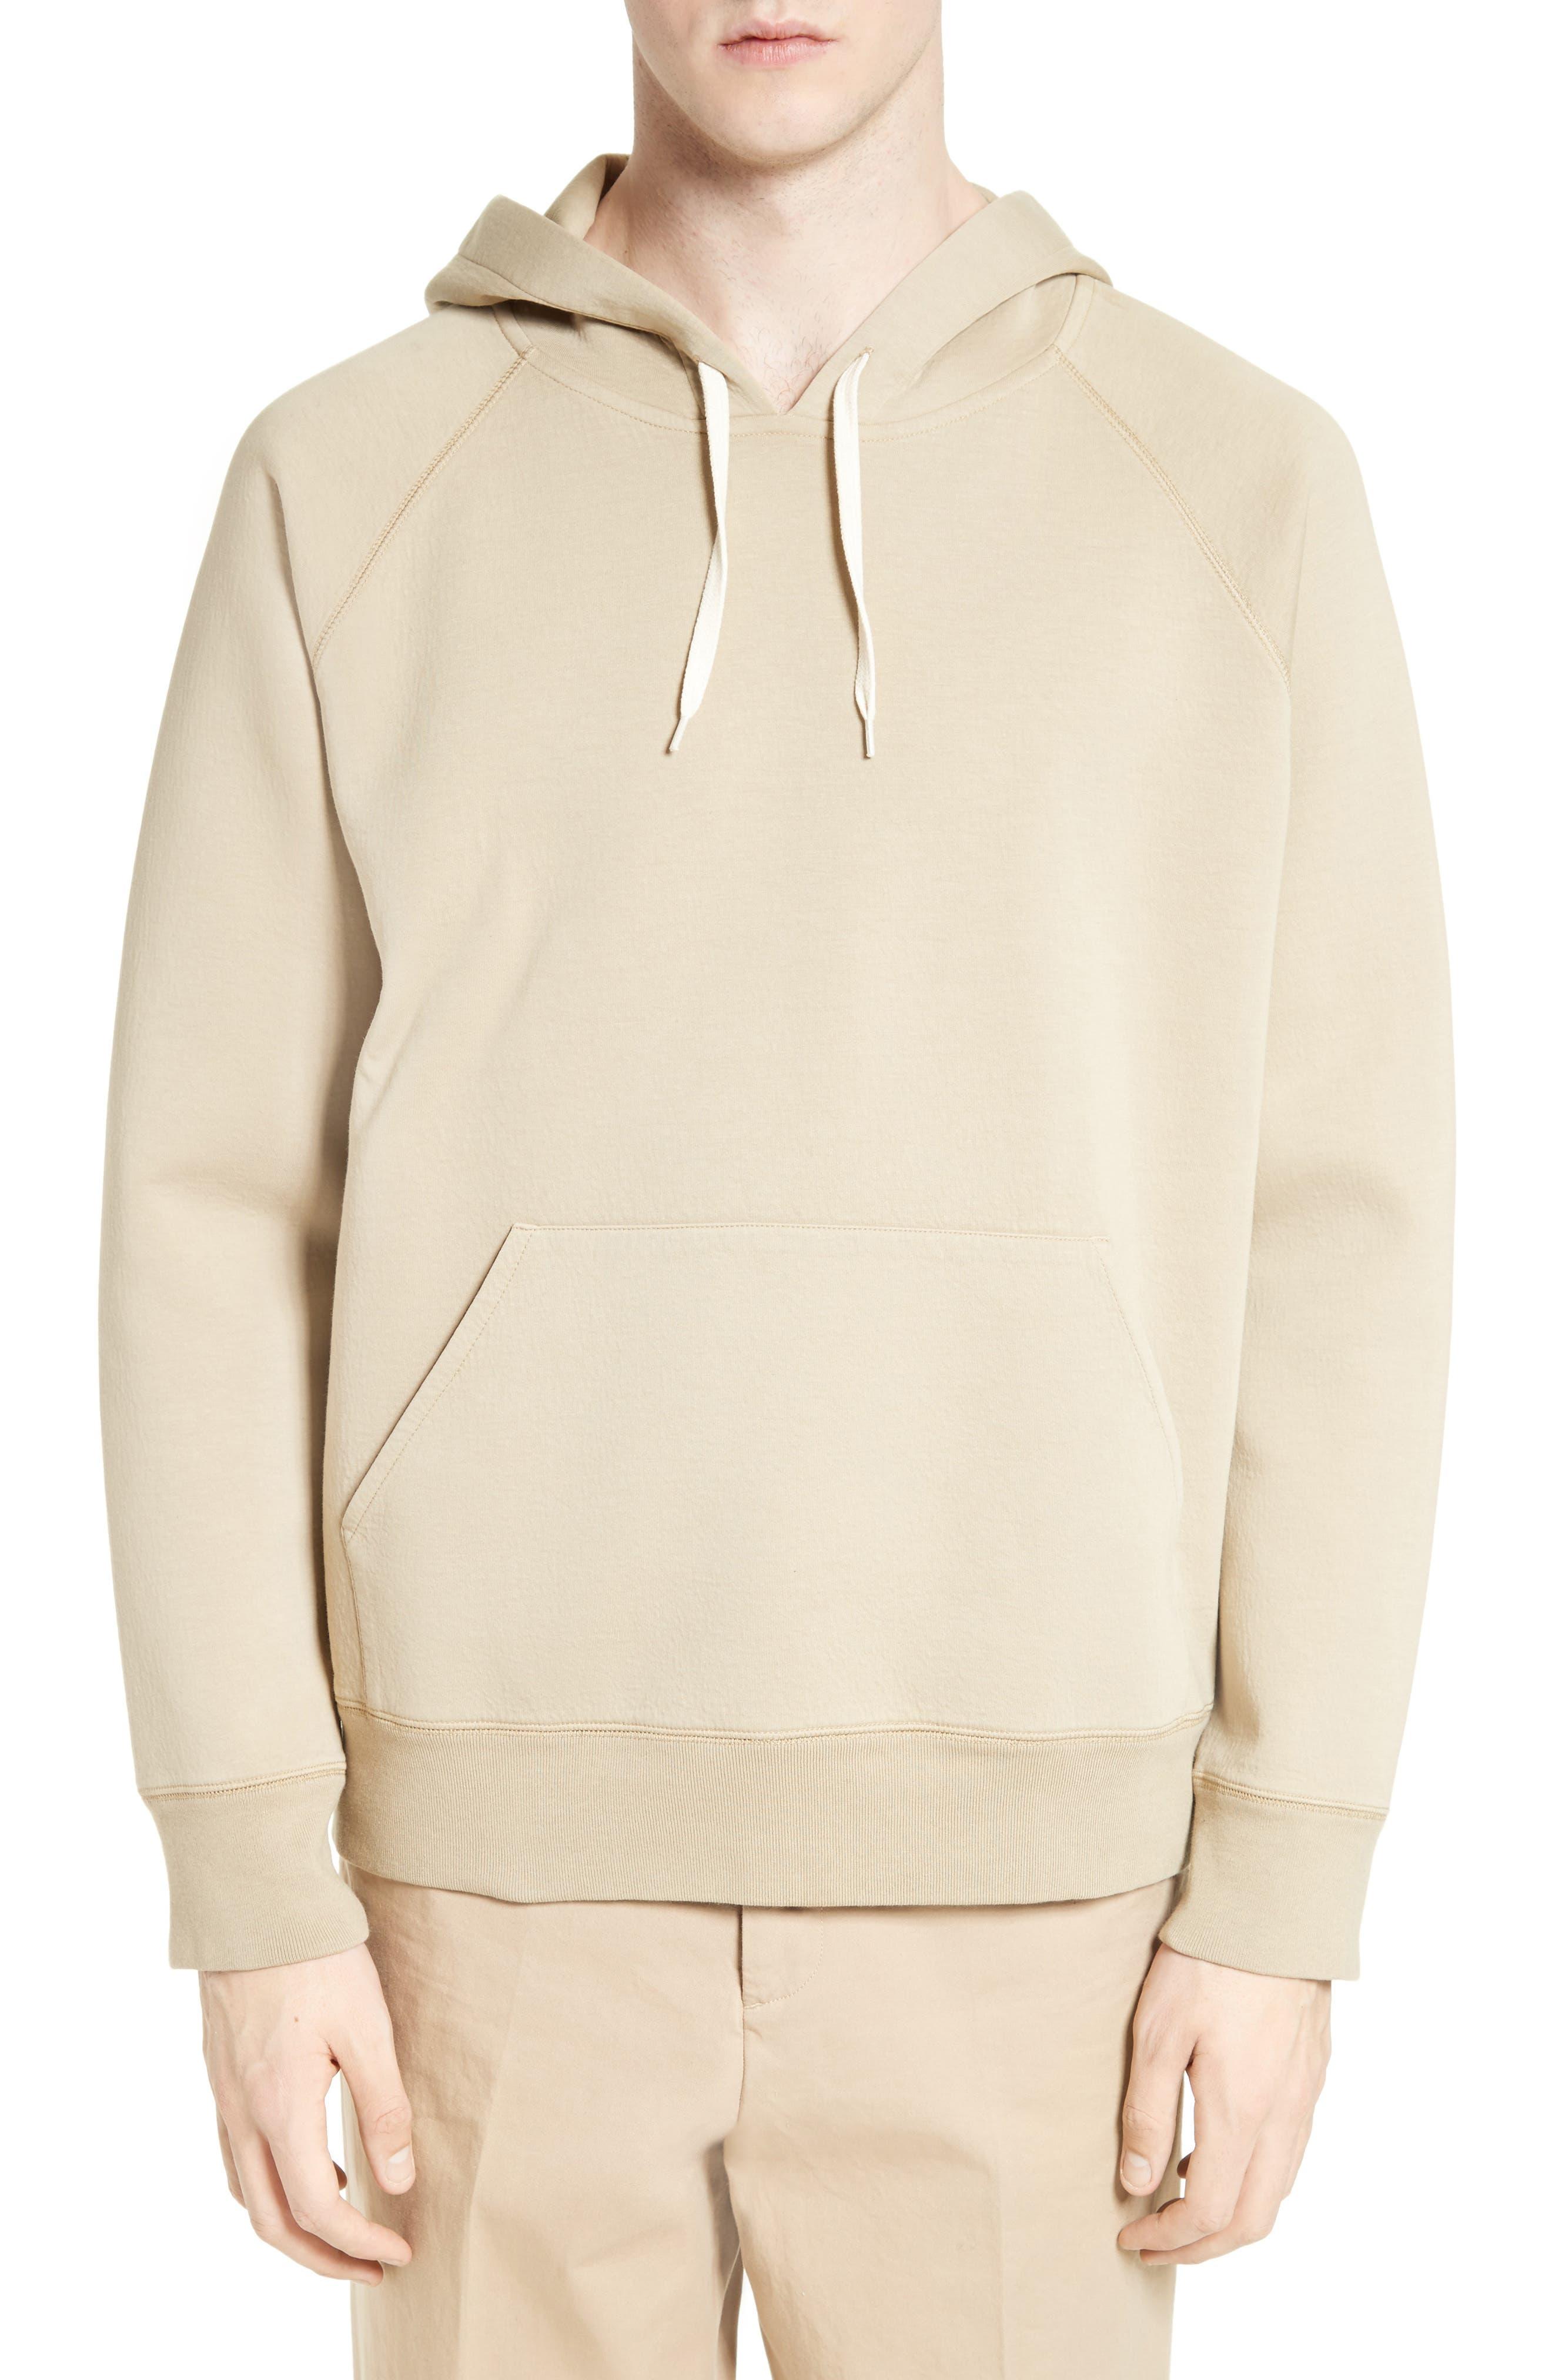 Scuba Hooded Sweatshirt,                             Main thumbnail 1, color,                             250